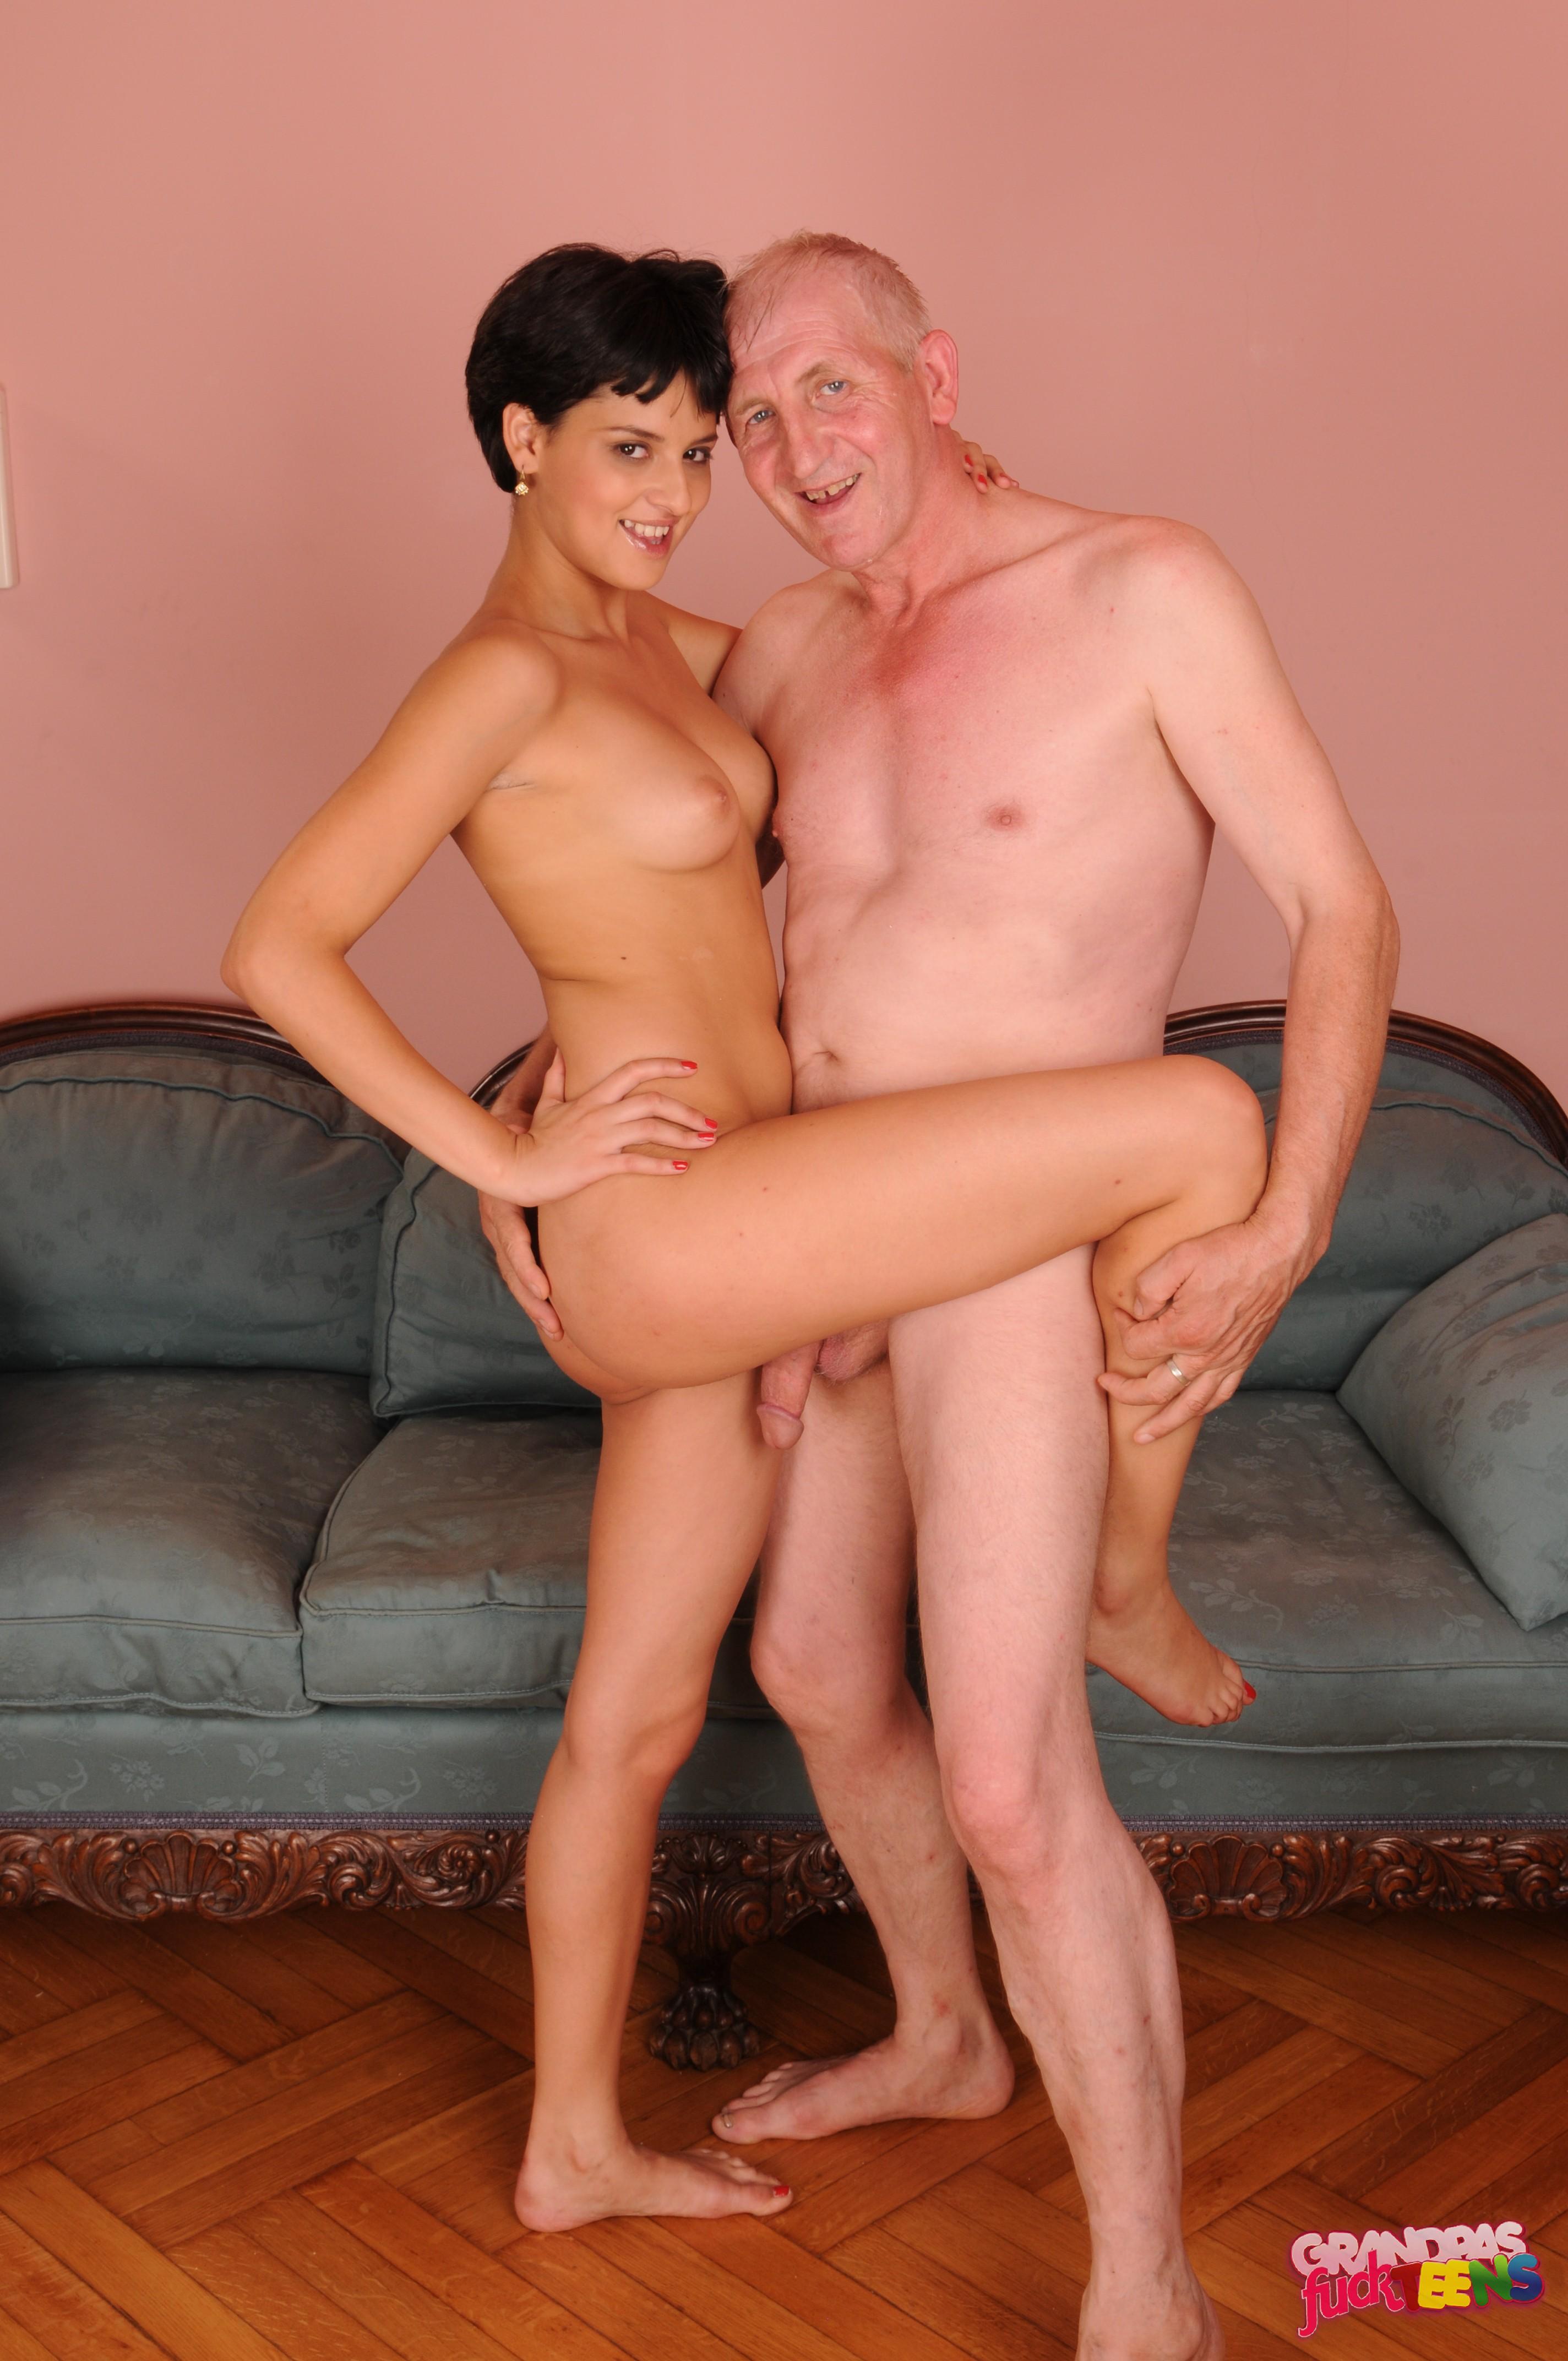 негра трахнули галерея порно фото молодых со старыми порно любое переносное